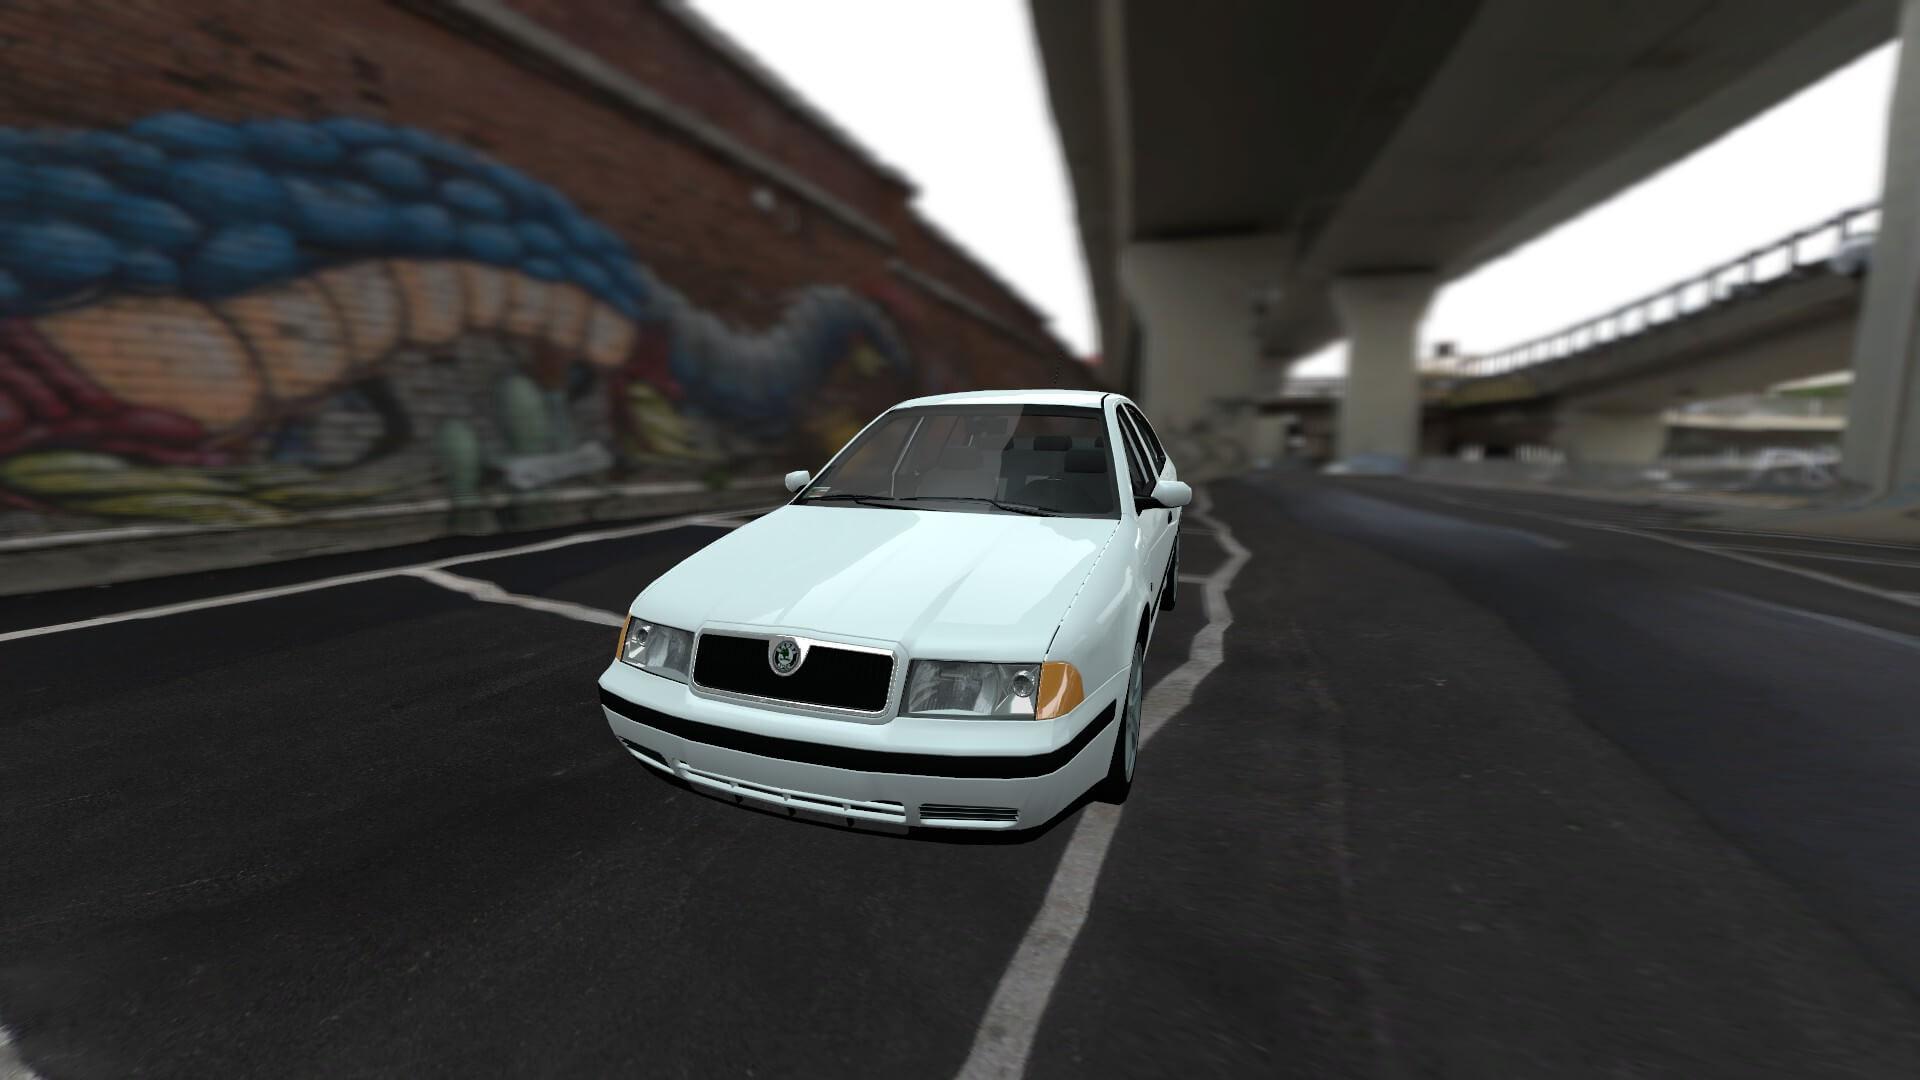 Garry's Mod 13 - Scoda Octavia [CrSk Autos]